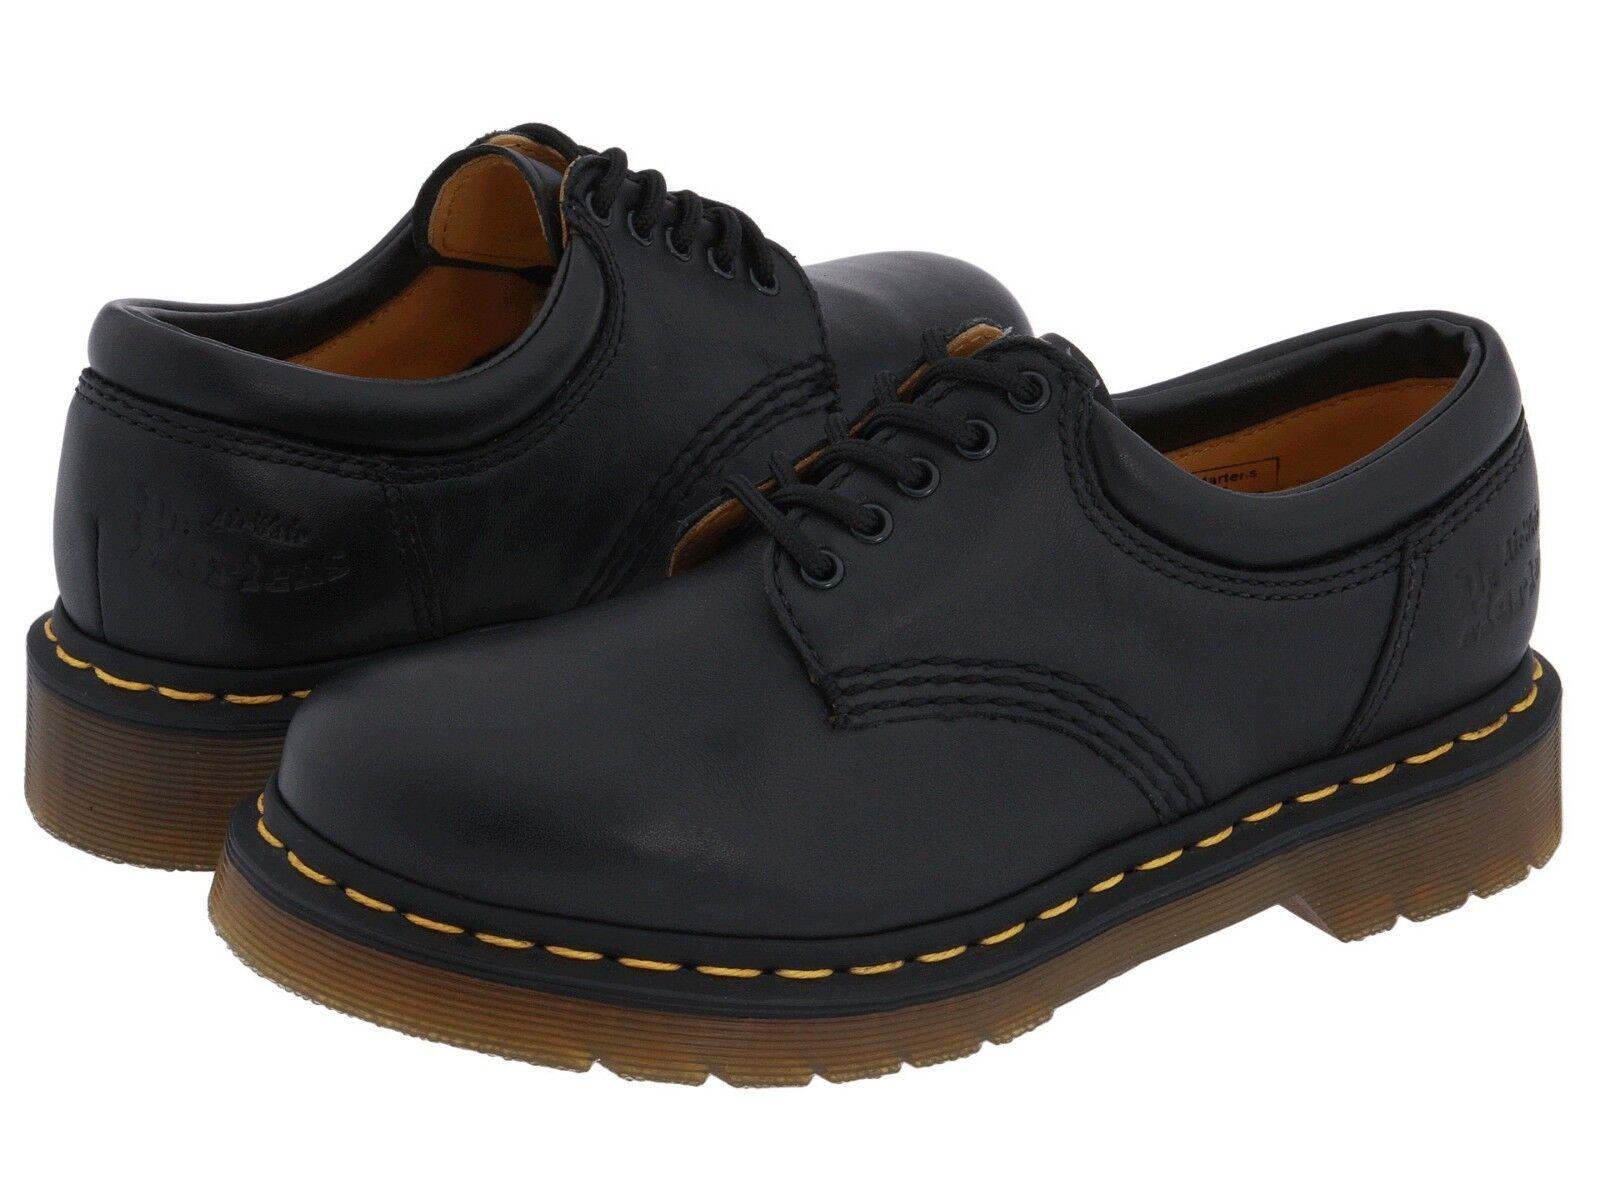 Derbies DrMartens Noir 5 Hommes Chaussures Cuir 11849001 Eye Nappa NwOmn0yv8P